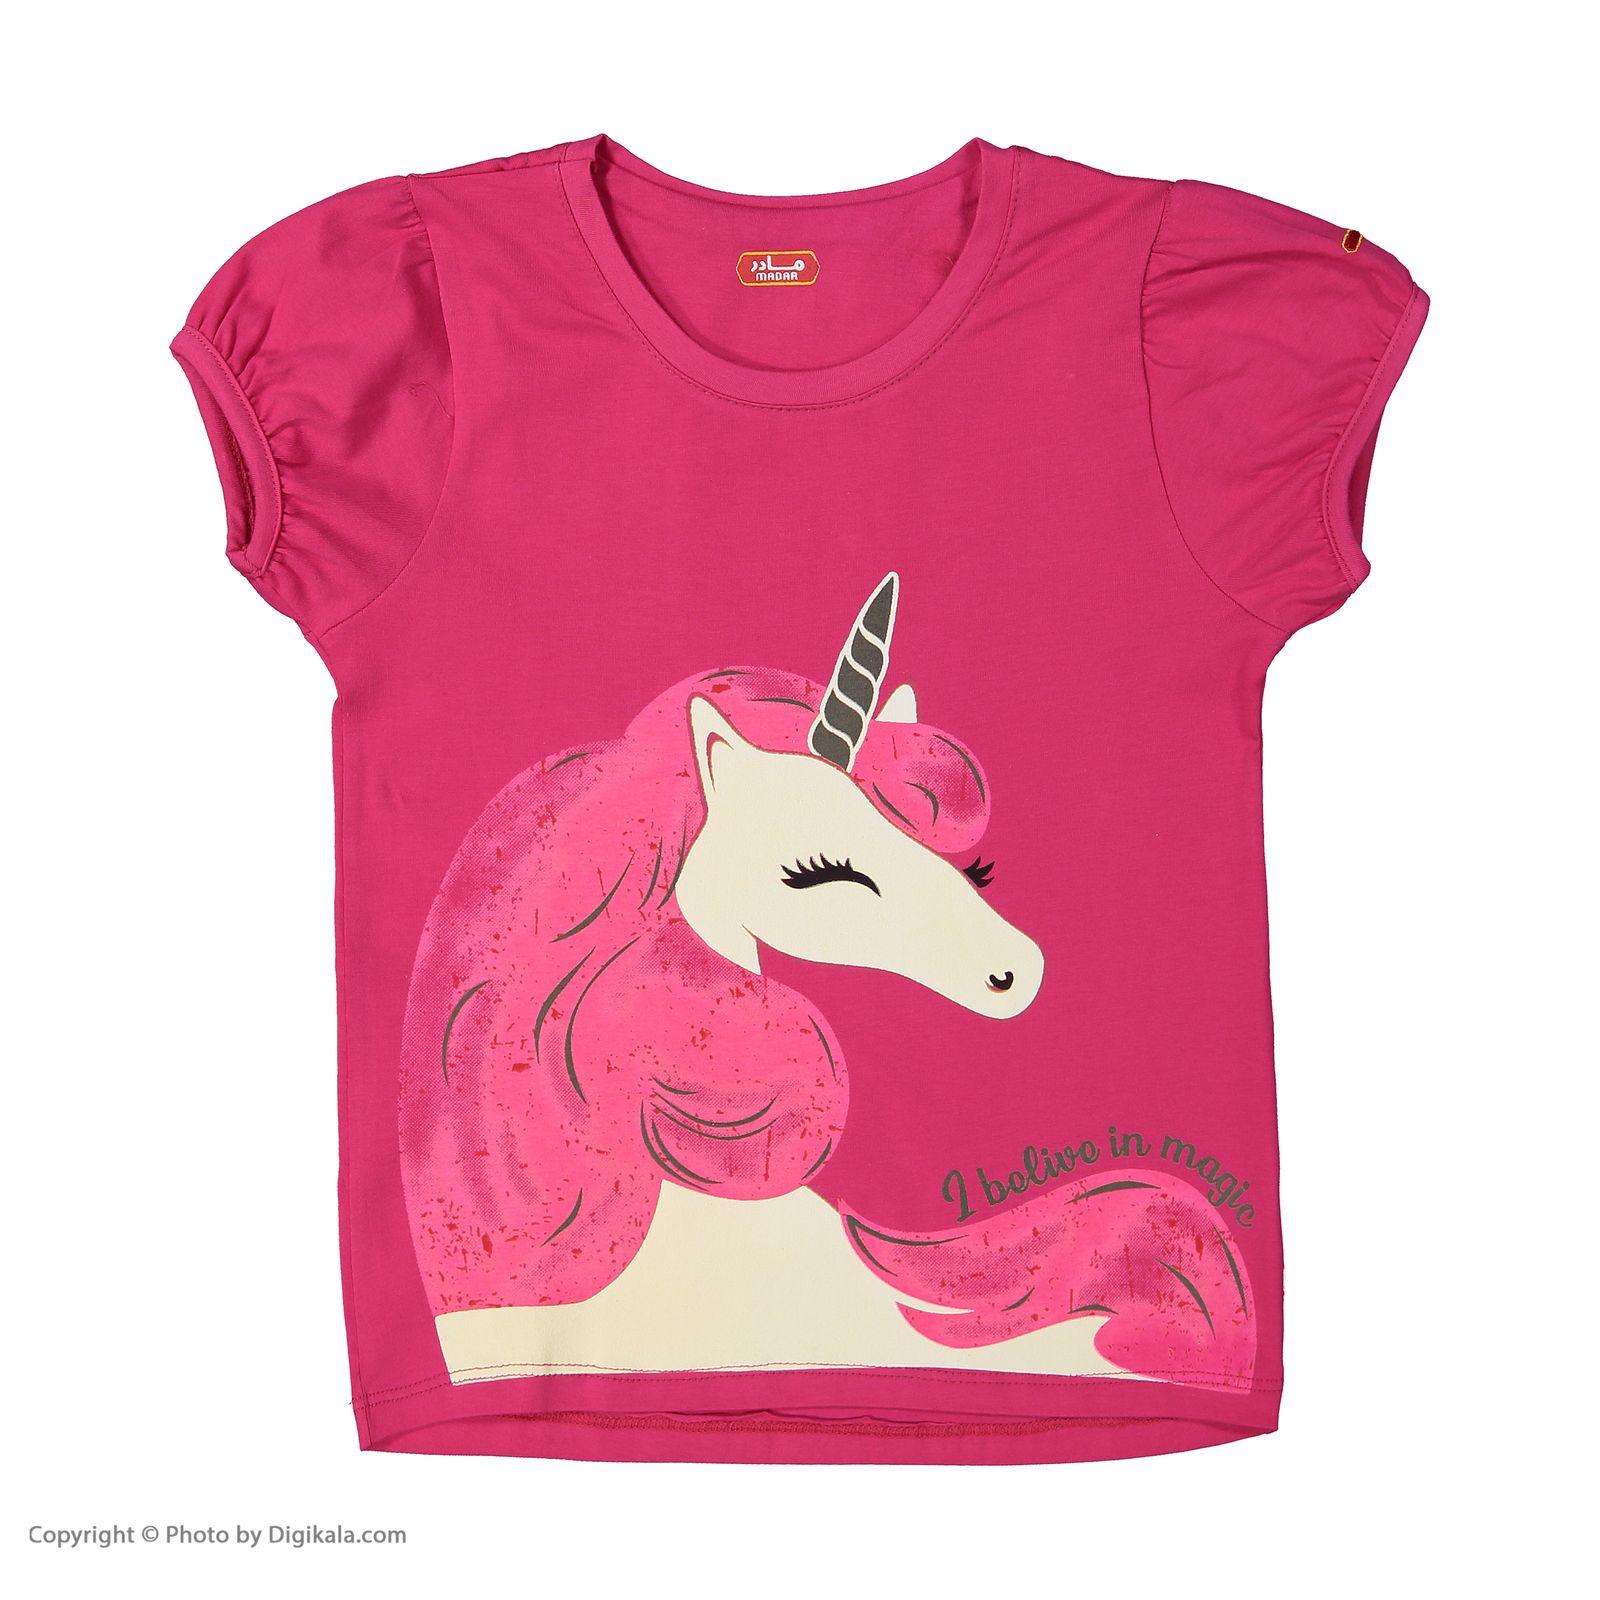 ست تی شرت و شلوار دخترانه مادر مدل 2041104-66 -  - 4